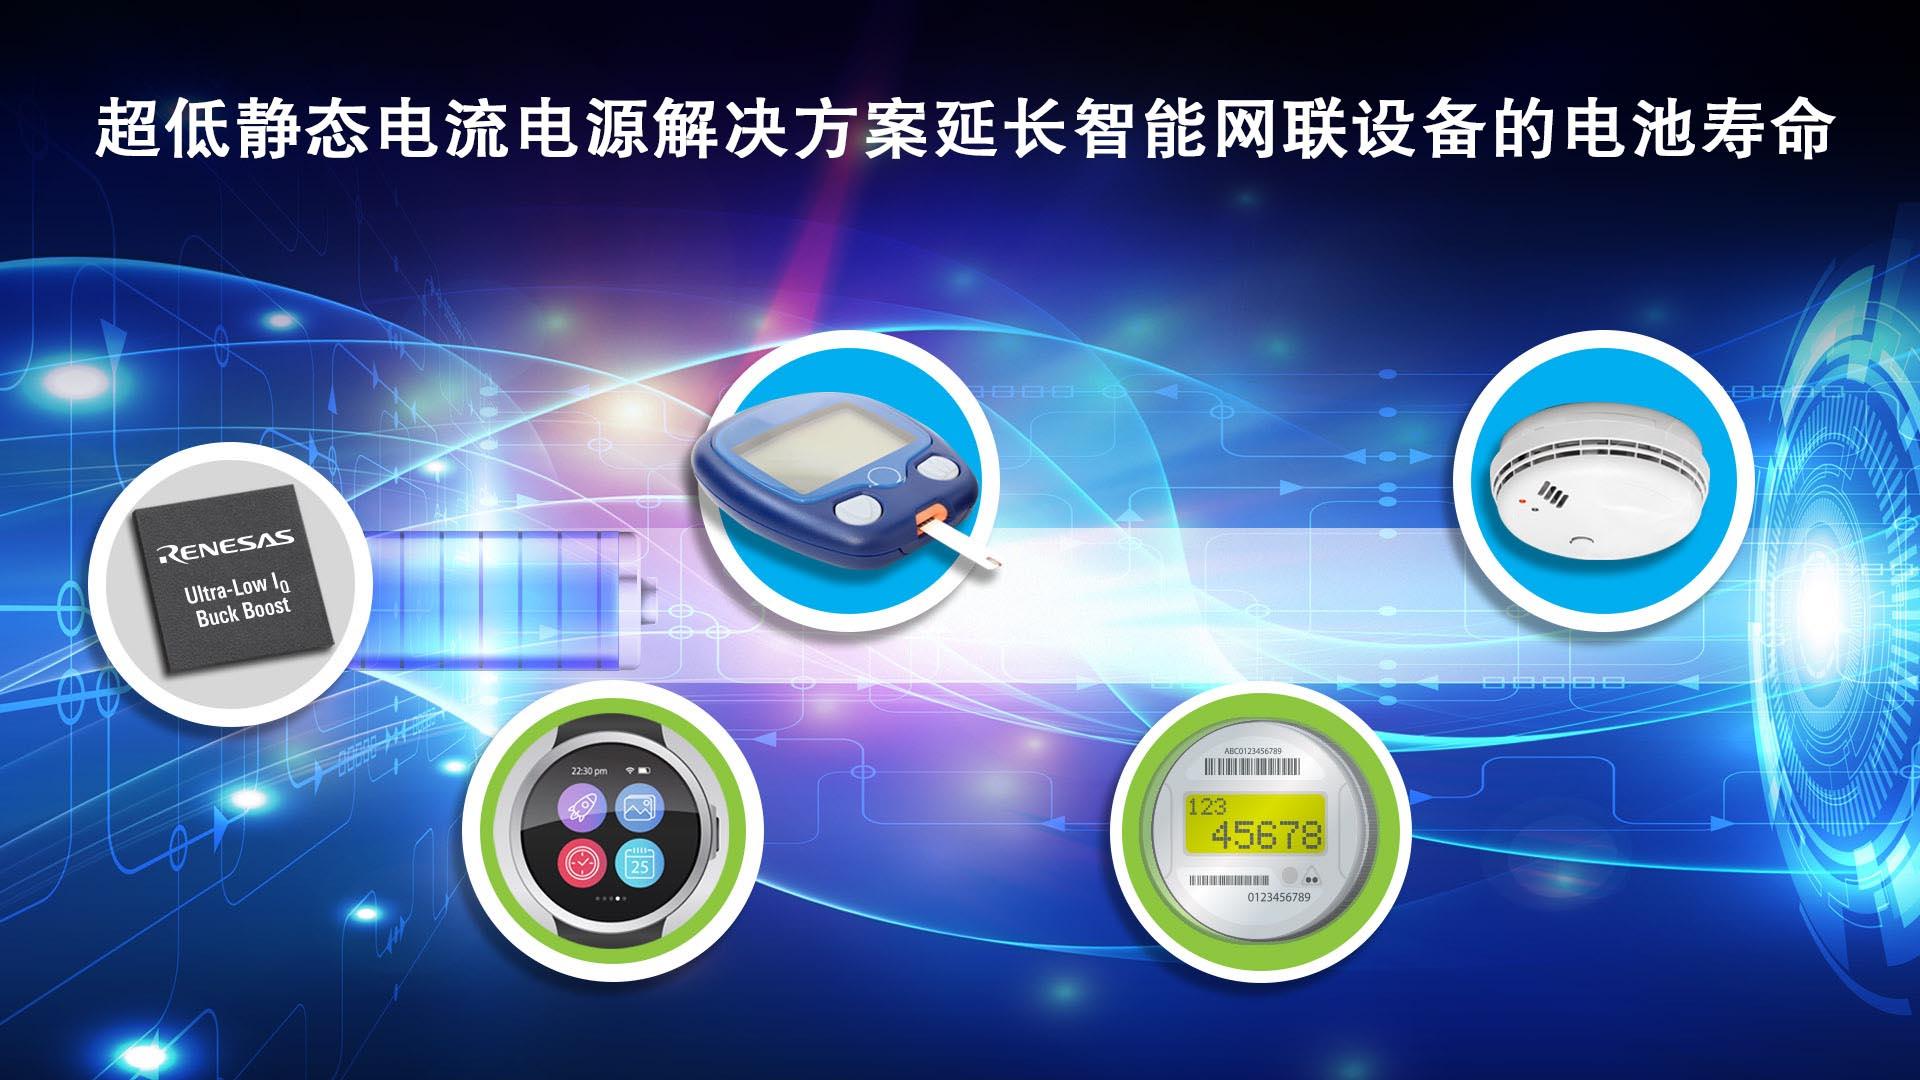 瑞萨电子推出具备超低静态电流的升降压DC/DC转换器  适合为传感器、MCU、无线设备和其它